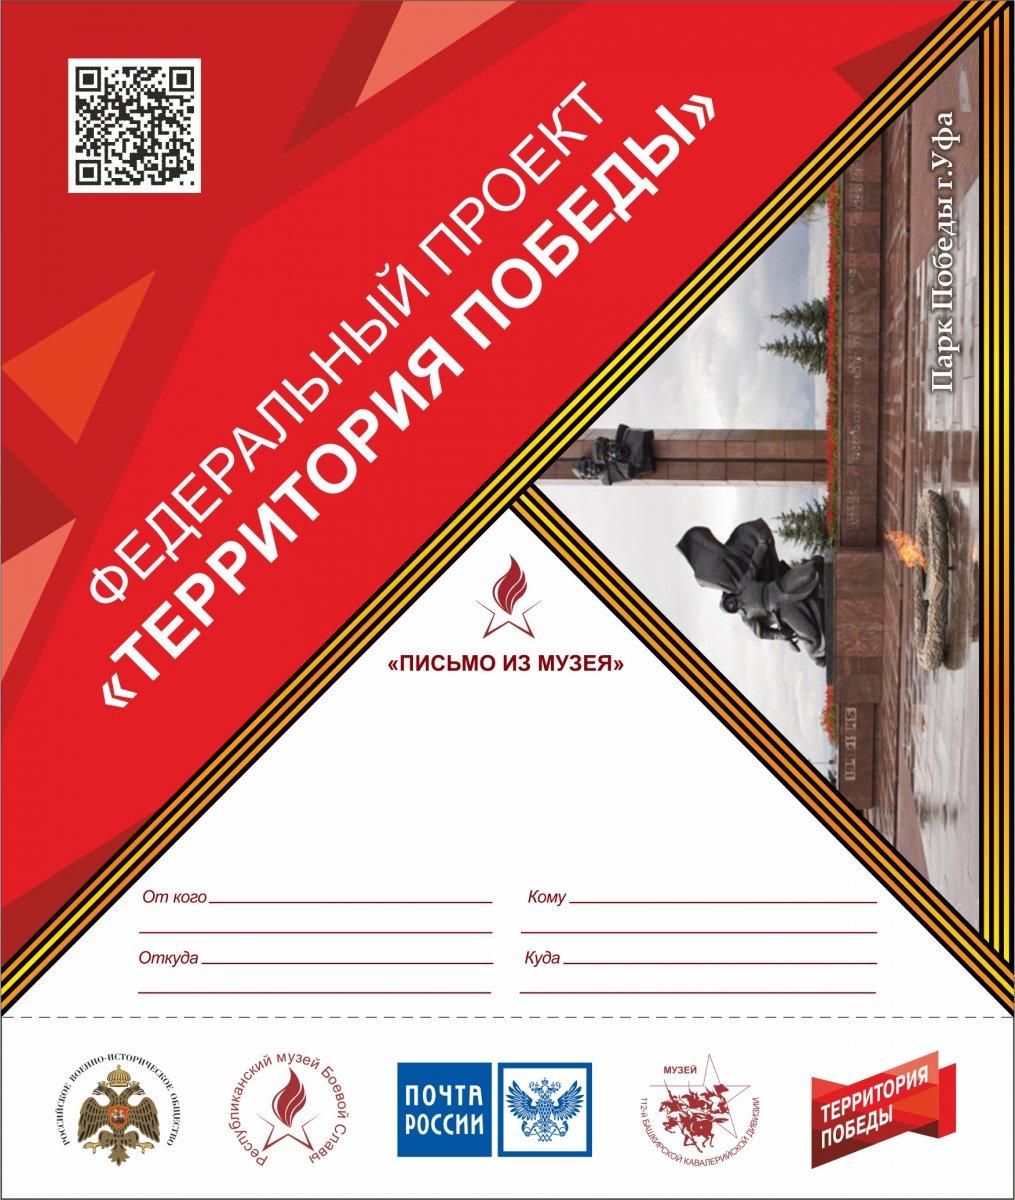 В Башкирии пройдет акция «Письмо из музея», приуроченная ко Дню Победы